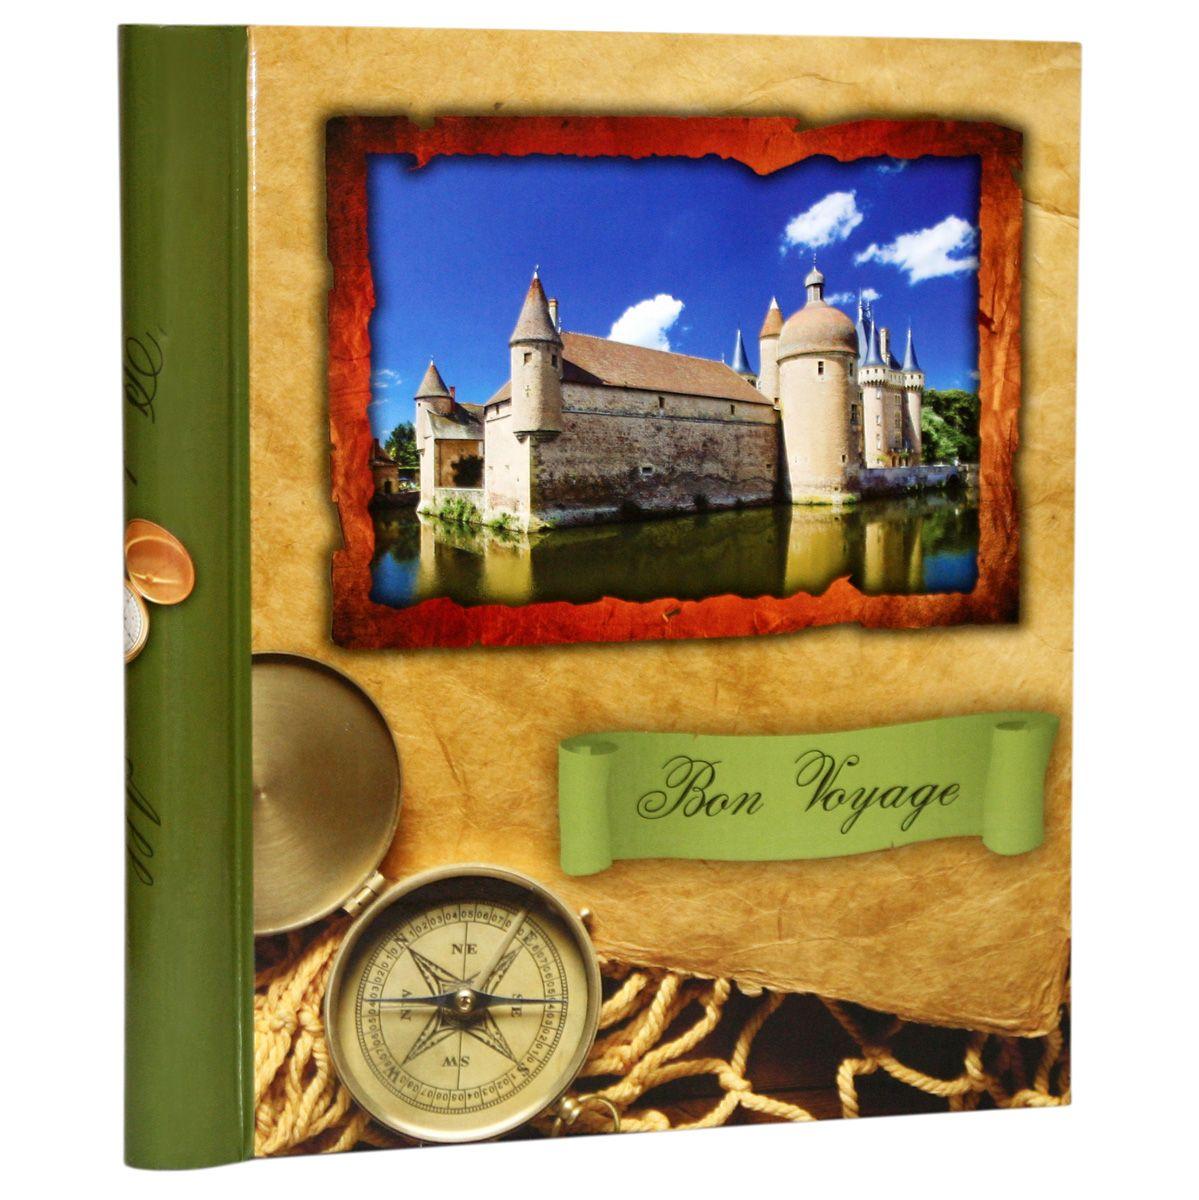 Фотоальбом Pioneer Bon Voyage, 10 магнитных листов, цвет: зеленый, 23 х 28 см41258Фотоальбом Pioneer Bon Voyage позволит вам запечатлеть незабываемые моменты вашей жизни, сохранить свои истории и воспоминания на его страницах. Обложка из толстого картона оформлена оригинальным принтом. Фотоальбом рассчитан на 10 фотографий форматом 23 х 28 см. Такой необычный фотоальбом позволит легко заполнить страницы вашей истории, и с годами ничего не забудется.Тип обложки: Ламинированный картон.Тип листов: магнитные.Тип переплета: спираль.Материалы, использованные в изготовлении альбома, обеспечивают высокое качество хранения ваших фотографий, поэтому фотографии не желтеют со временем.